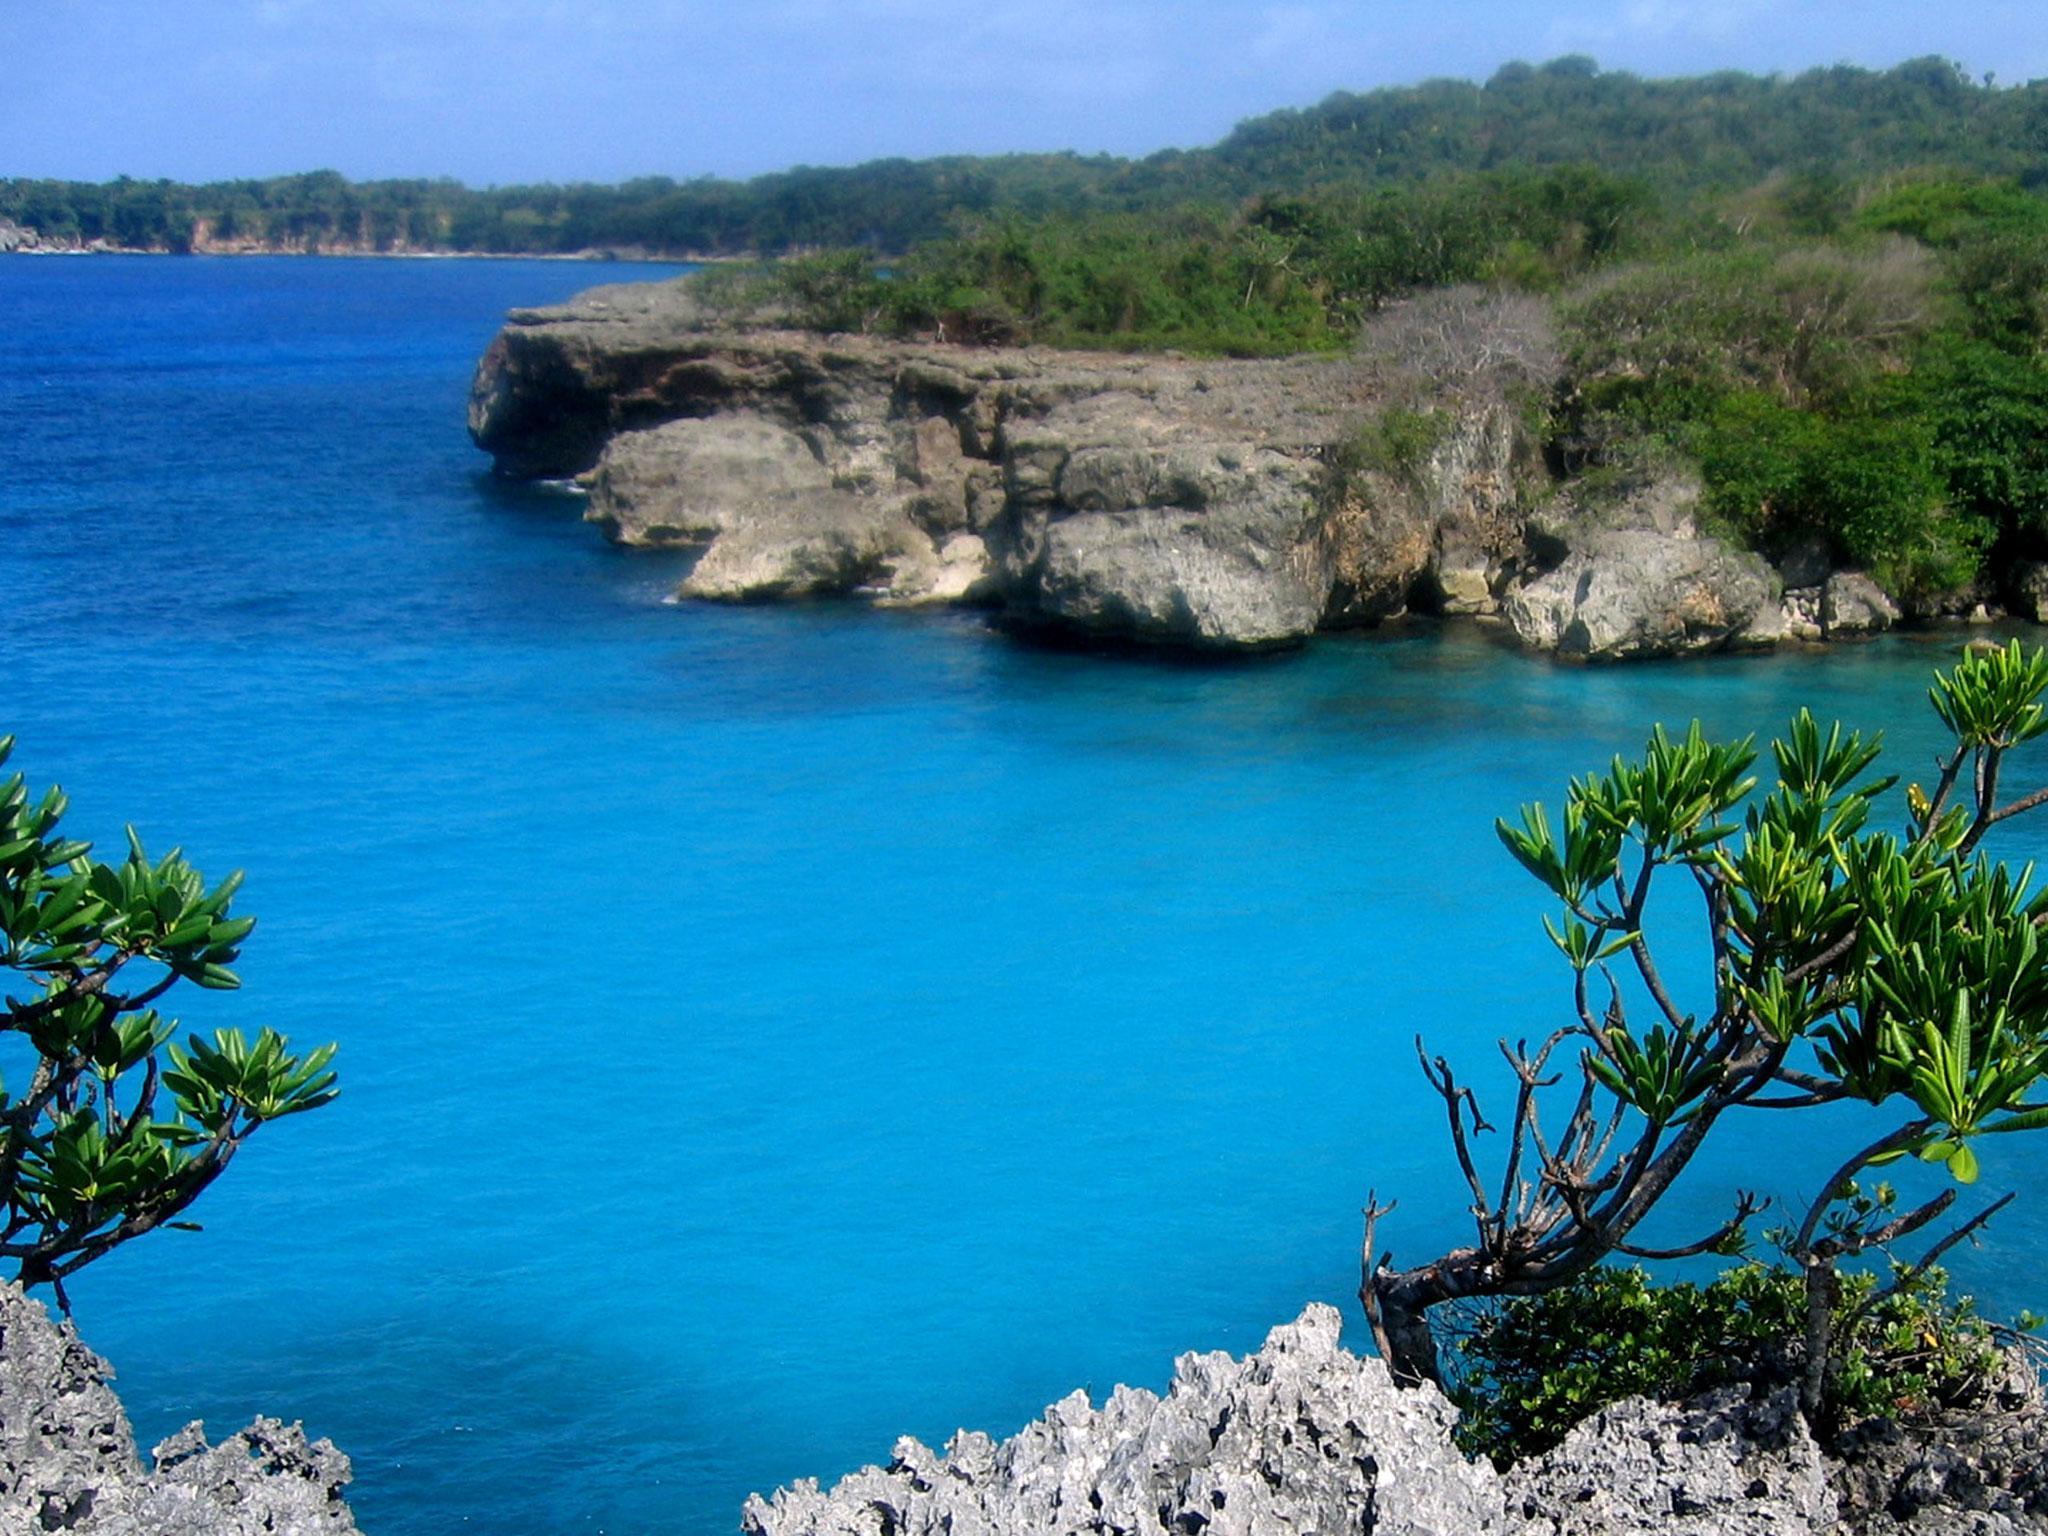 Great Huts - Hotell och Boende i Jamaica i Centralamerika och Karibien